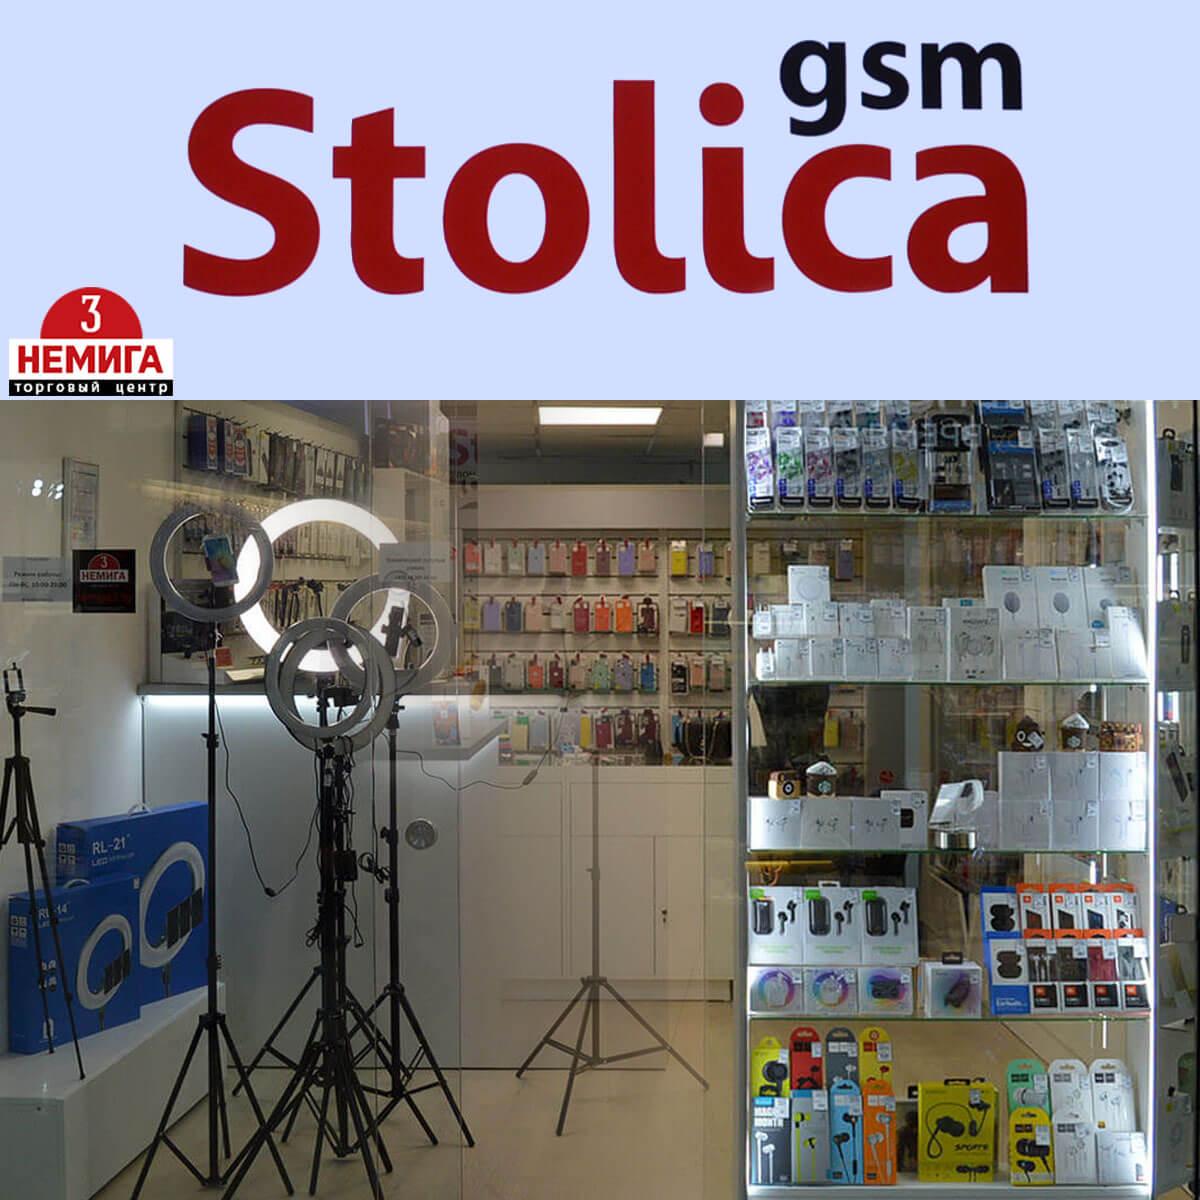 Магазин электроники и аксессуаров StolicaGSM переехал в другой павильон